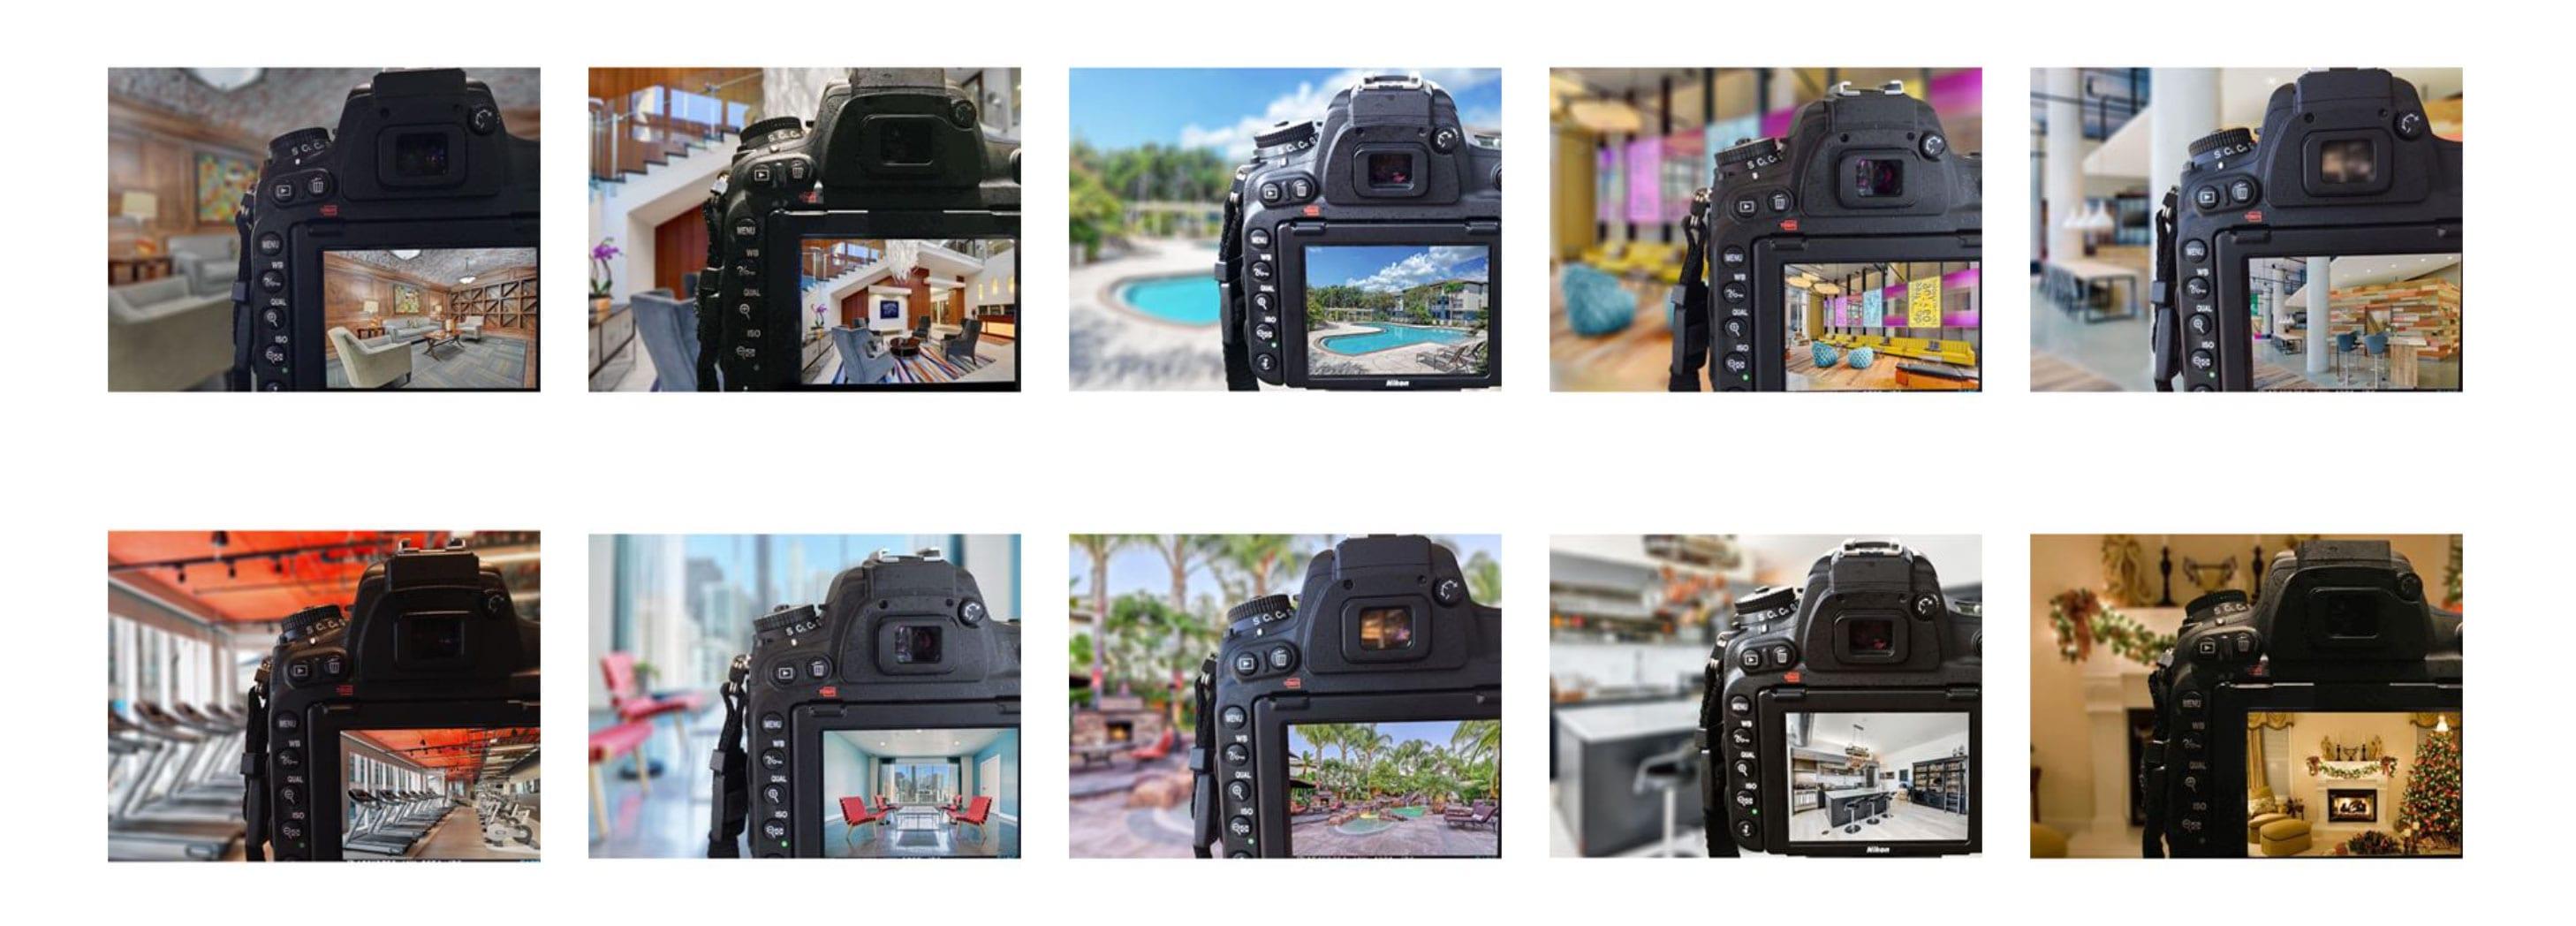 Instagram BTL Tiles Invision-Studio Photography | HDR Real Estate Photographers | Real Estate Photography Services | Real Estate Photographer | Aerial Photography Services | Drone Photography Services